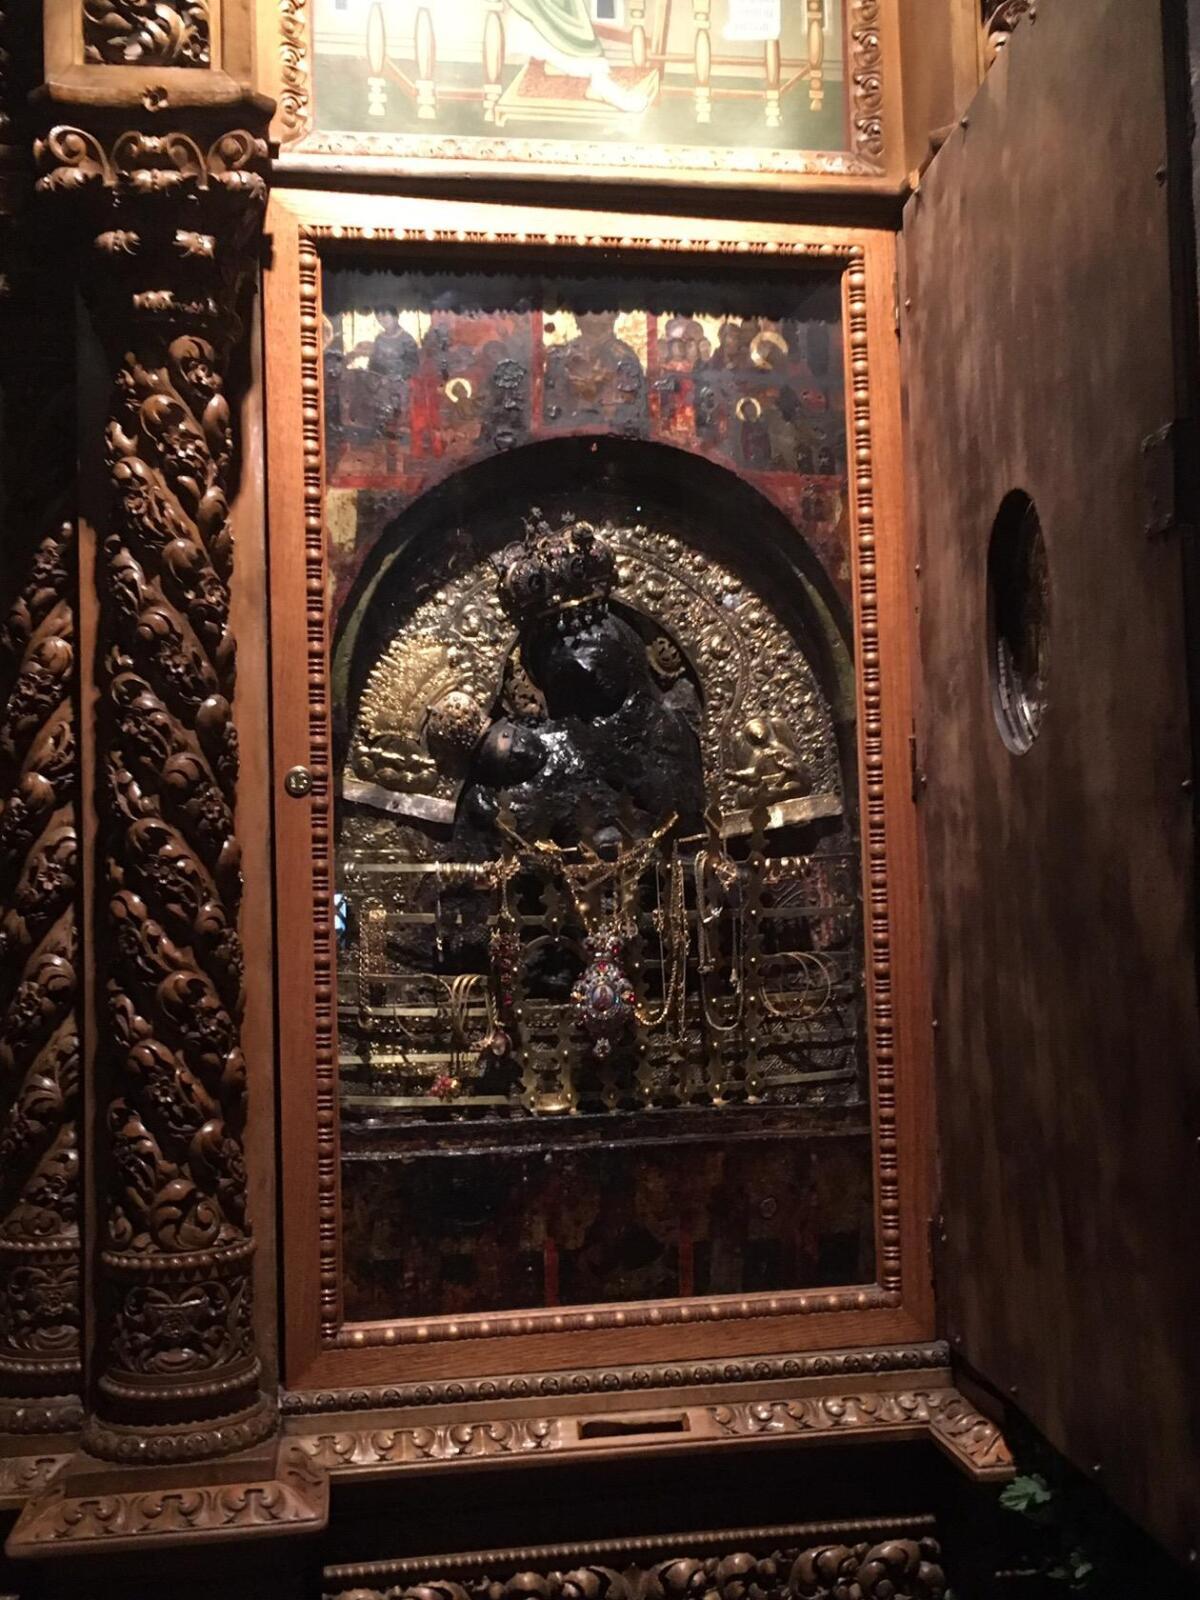 Чудотворная икона Божьей Матери, выполненная Святым Лукой из воска при жизни Богородицы